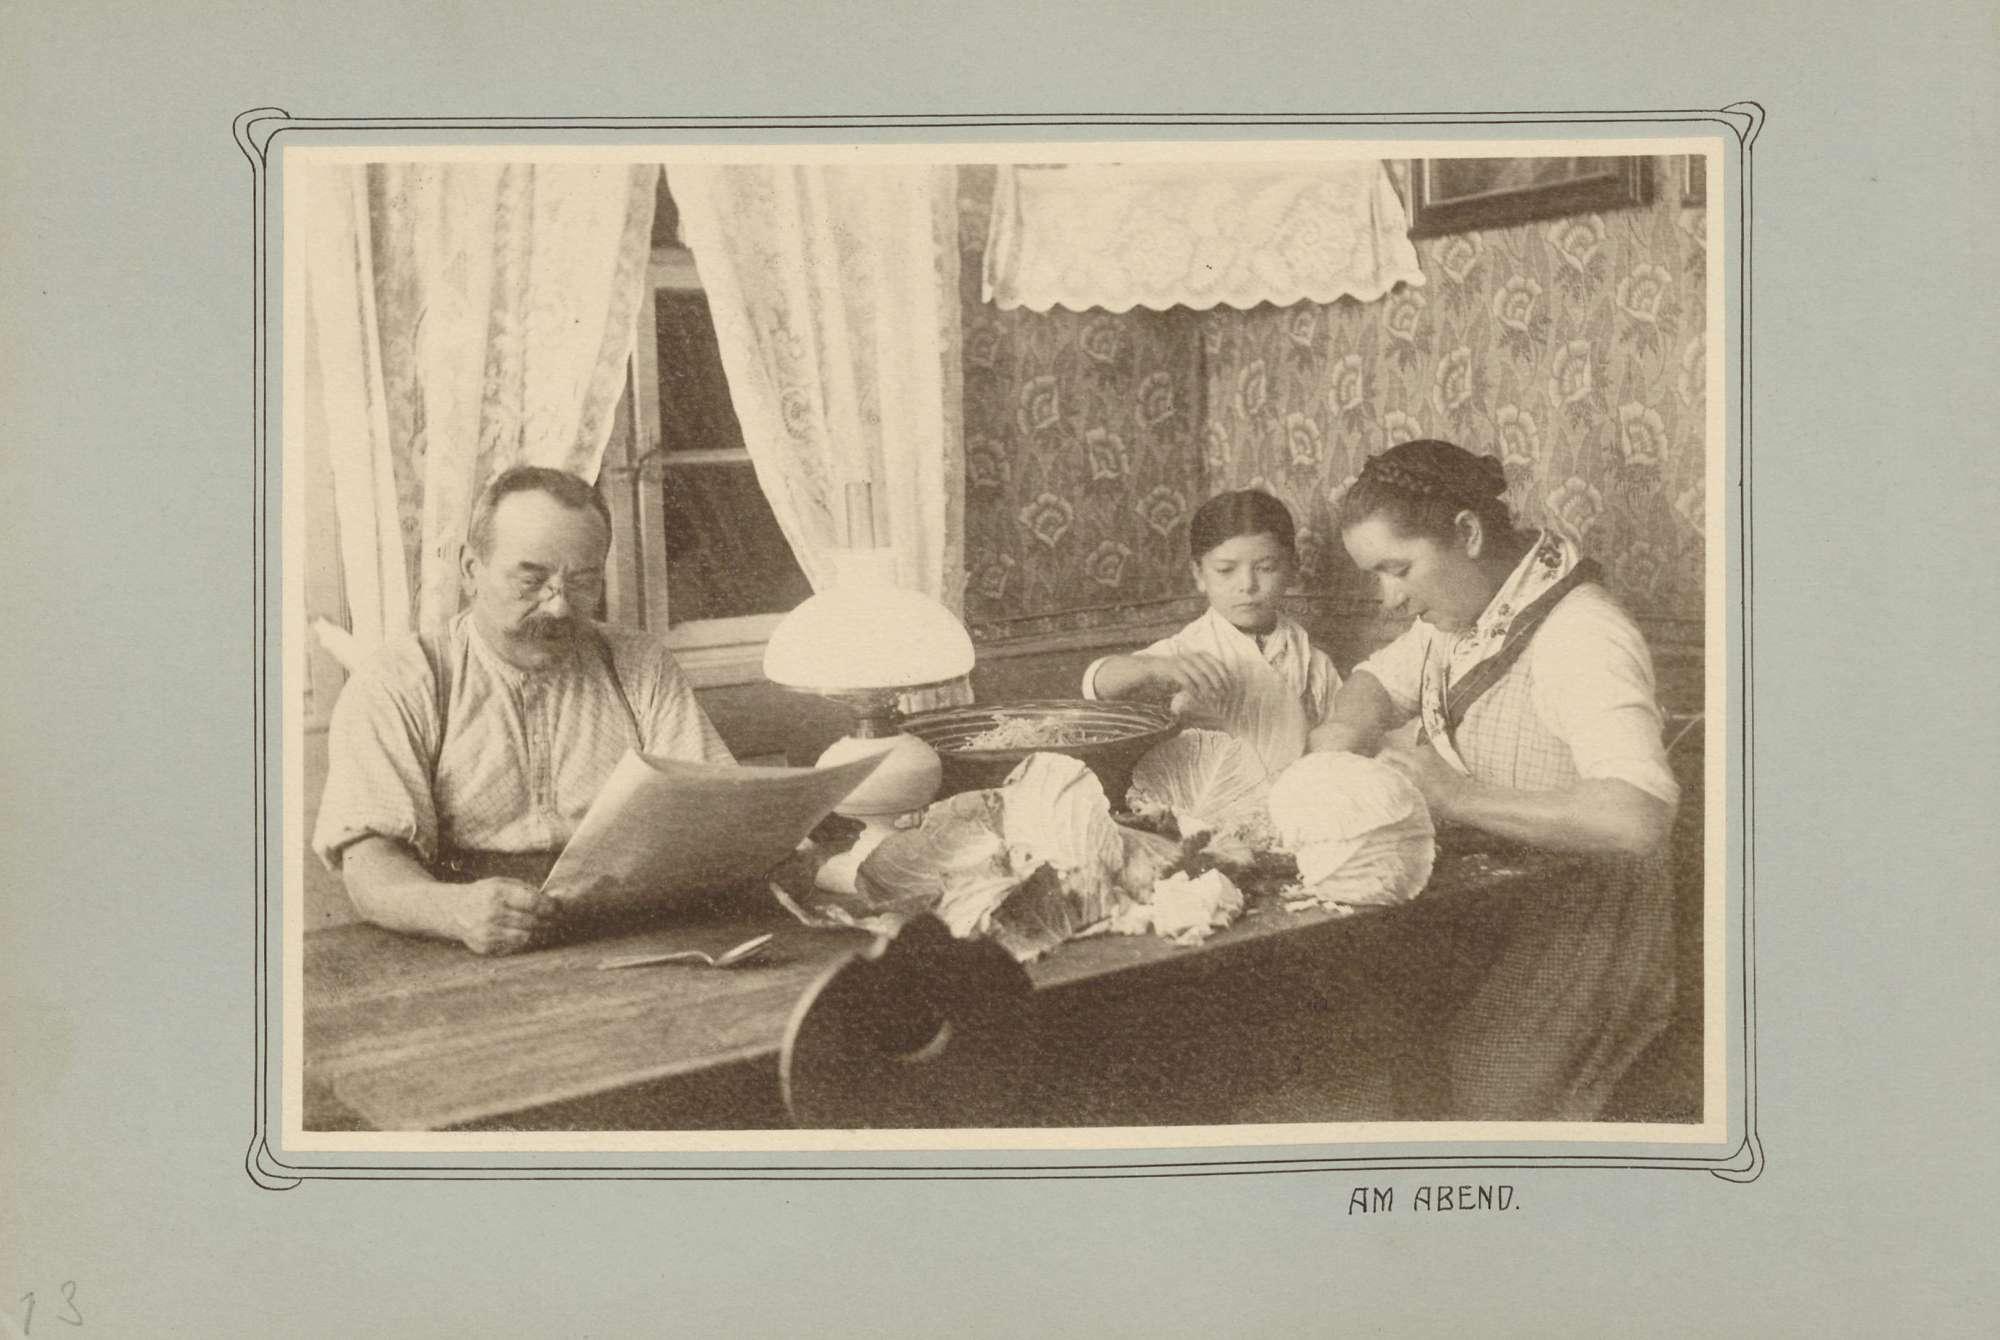 Familie aus dem Renchtal am Abend in der Stube, Bild 1